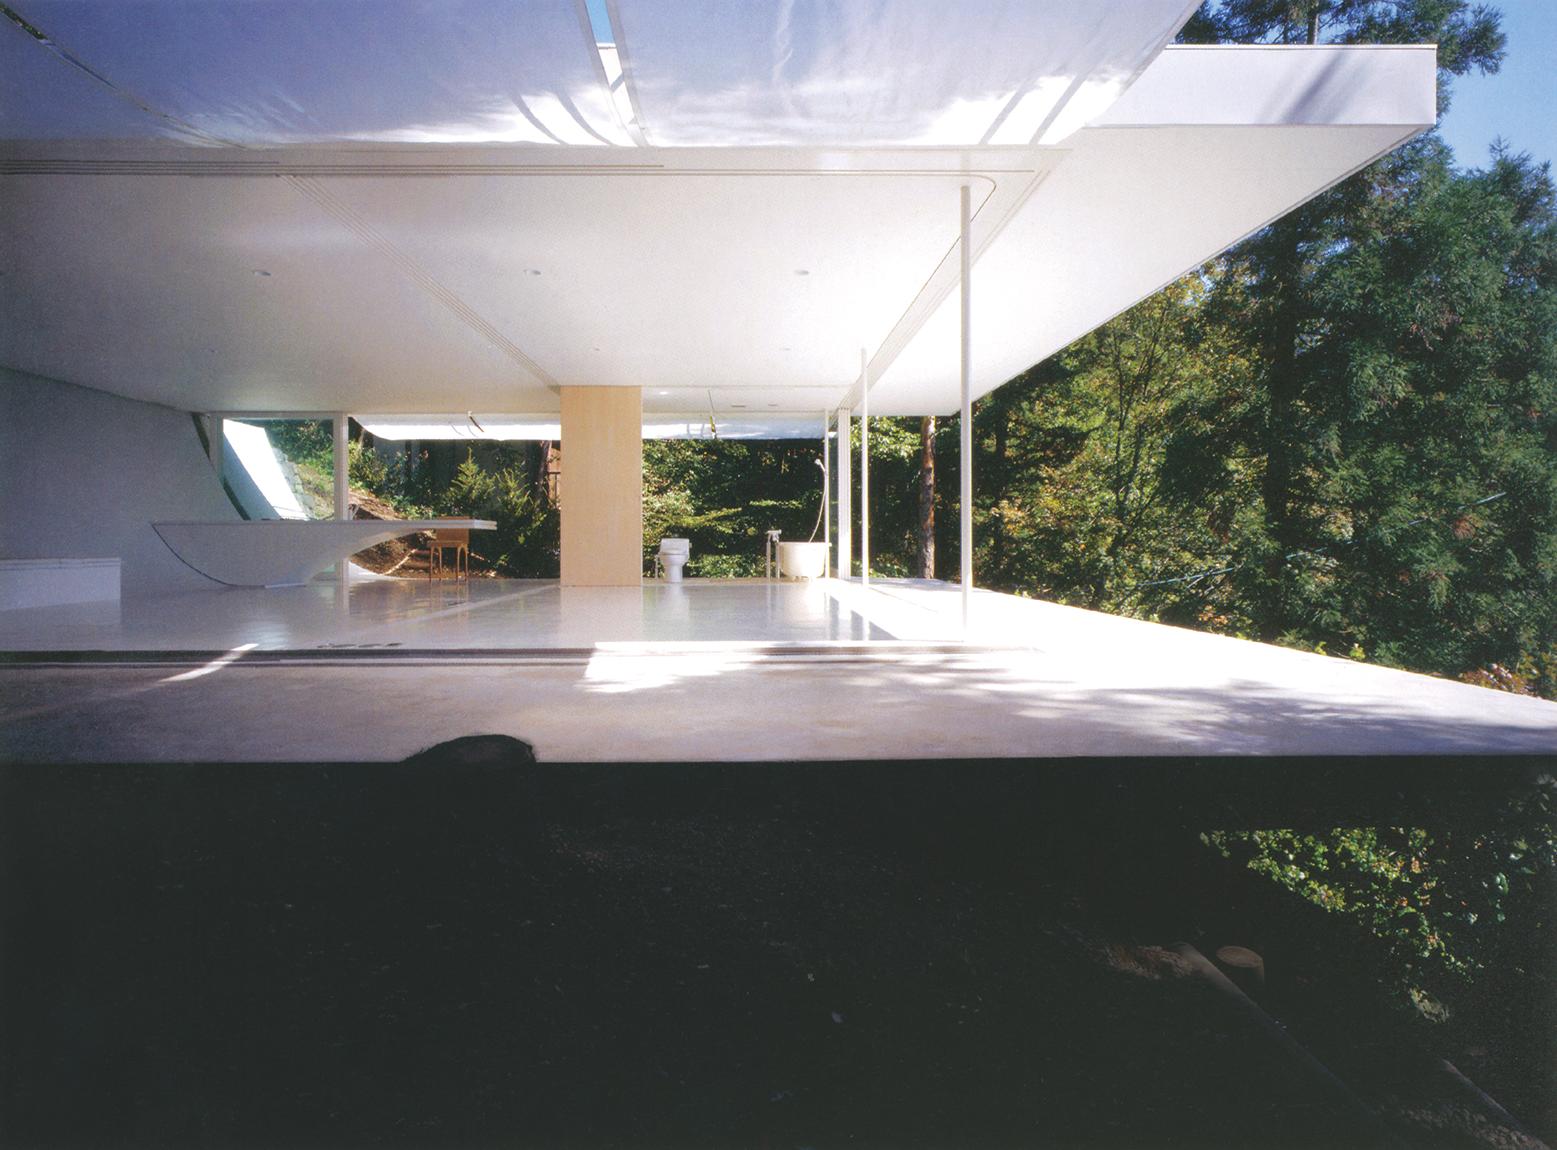 تصاویر این صفحه: گروه معماری شیگِرو بان، خانهی بدون دیوار؛ ناگانو، ژاپن، 1997